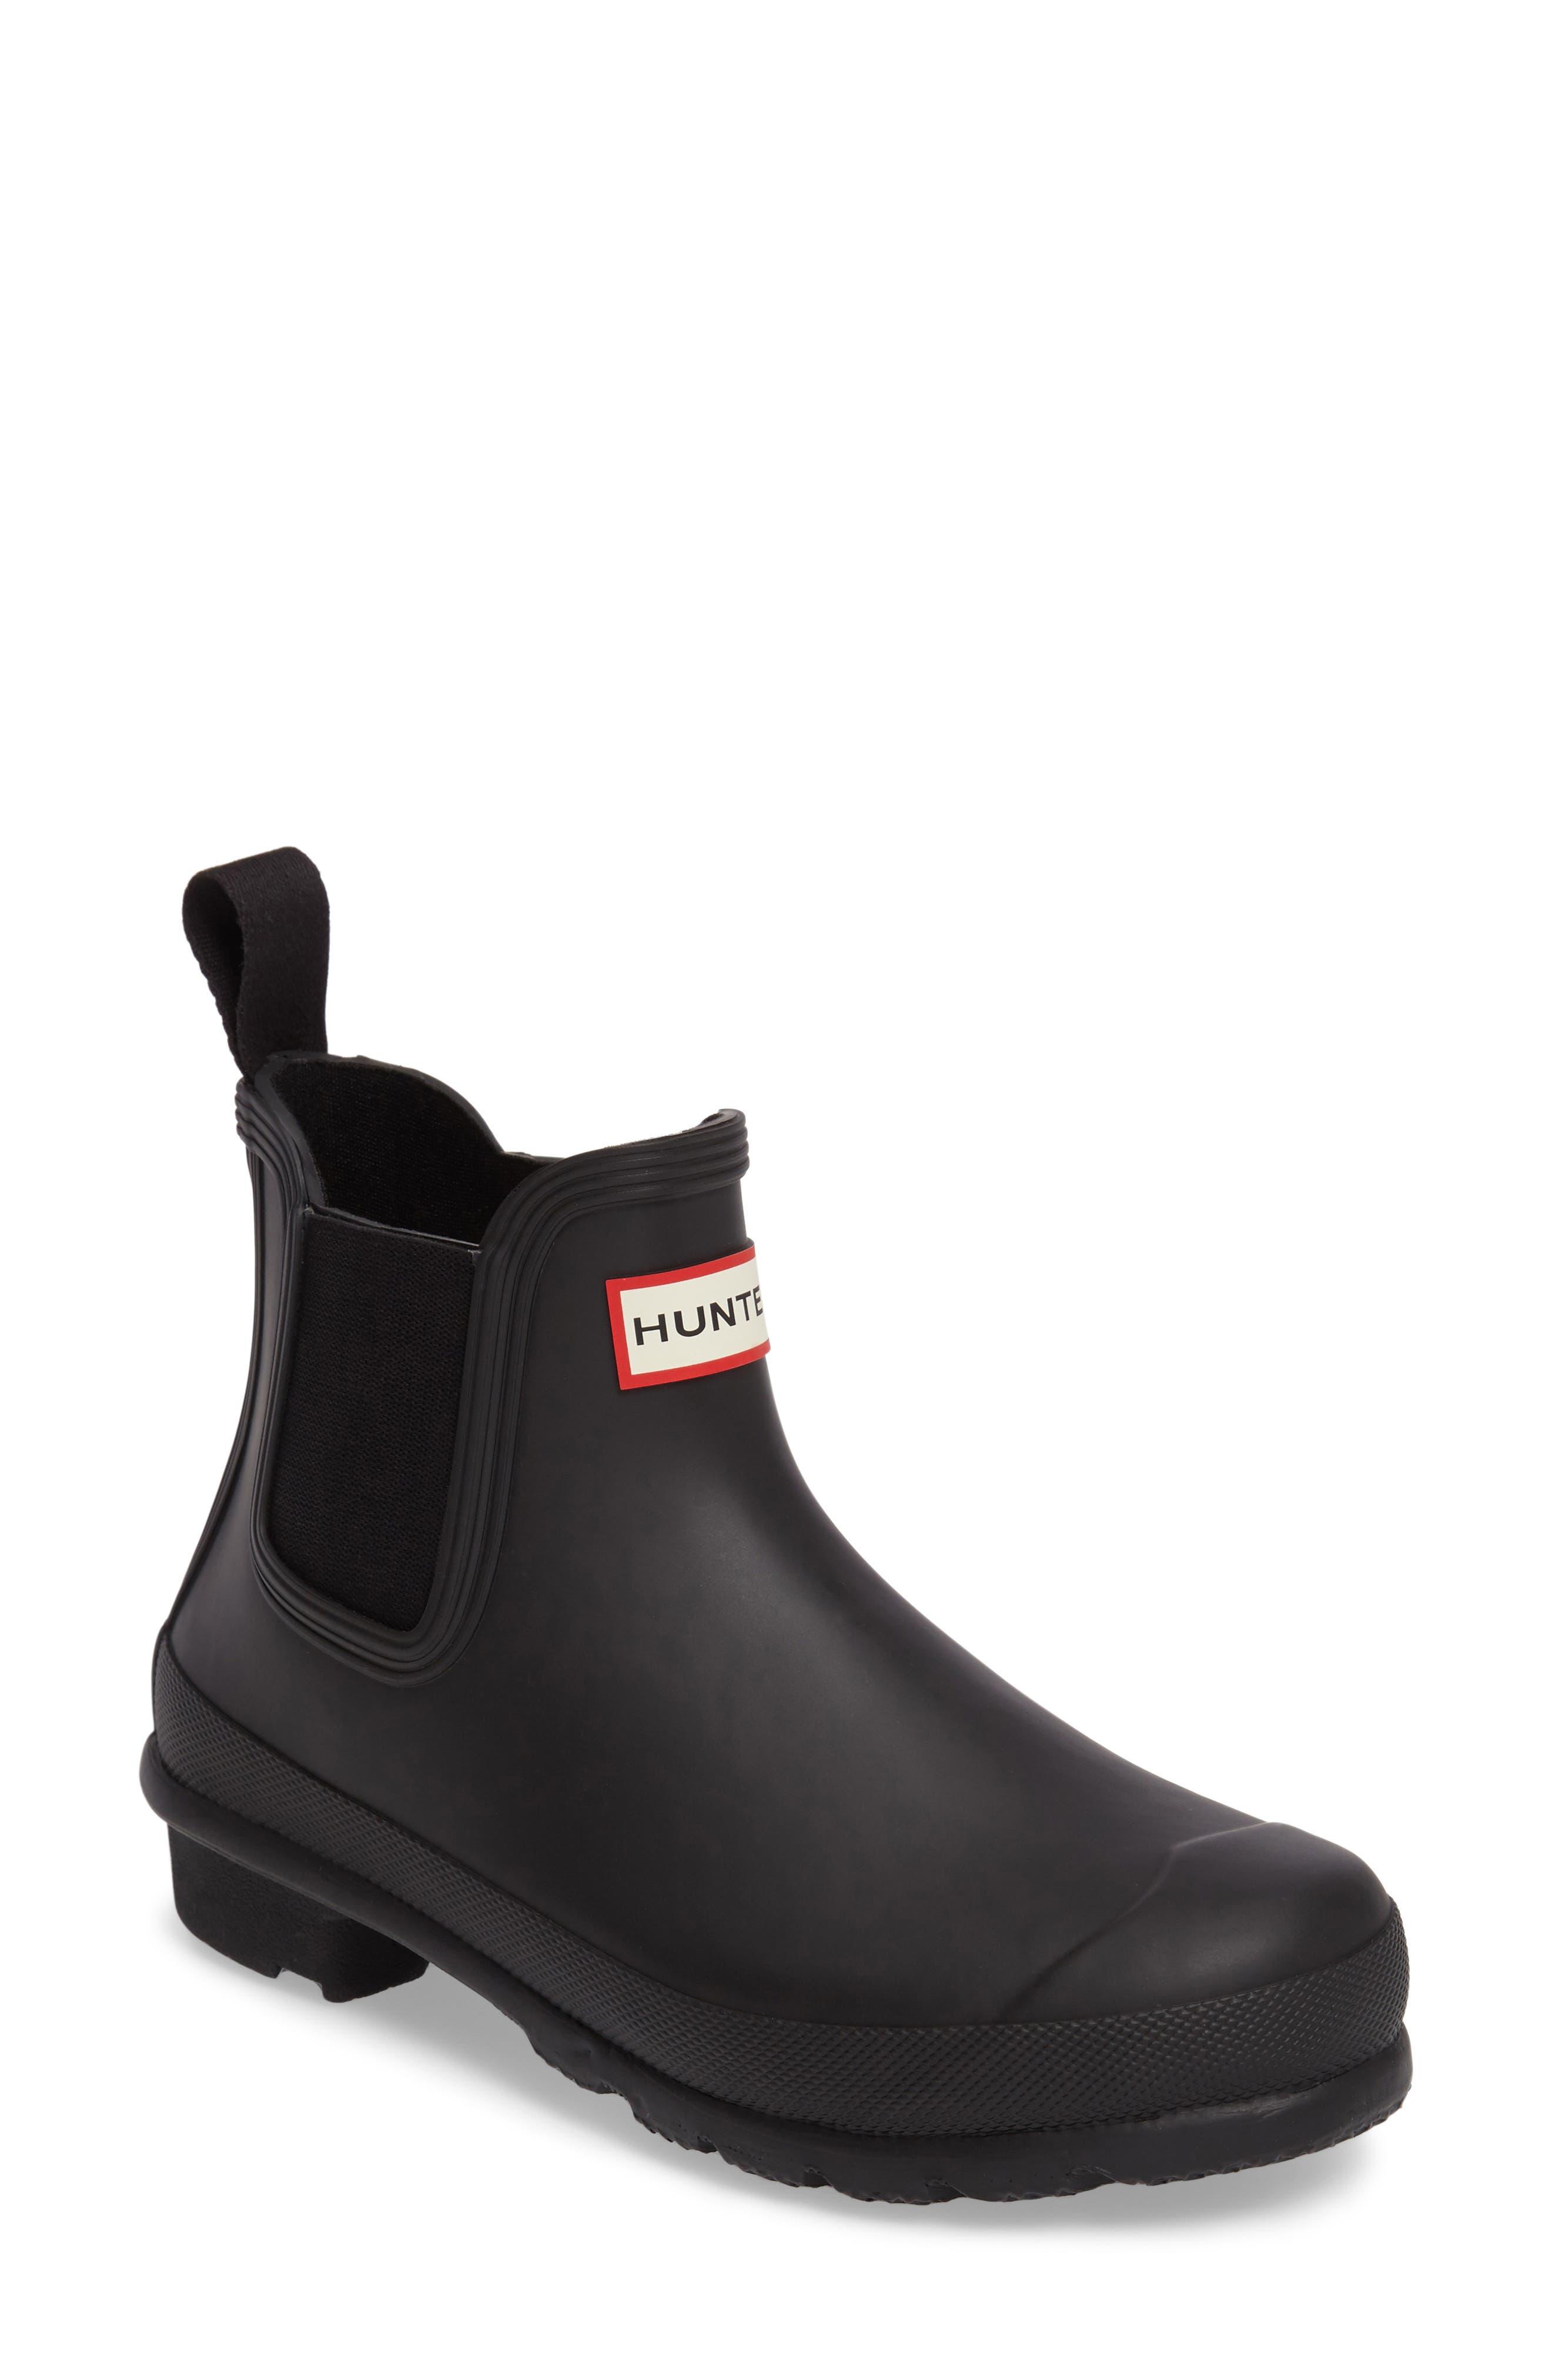 HUNTER, Original Waterproof Chelsea Rain Boot, Main thumbnail 1, color, BLACK MATTE